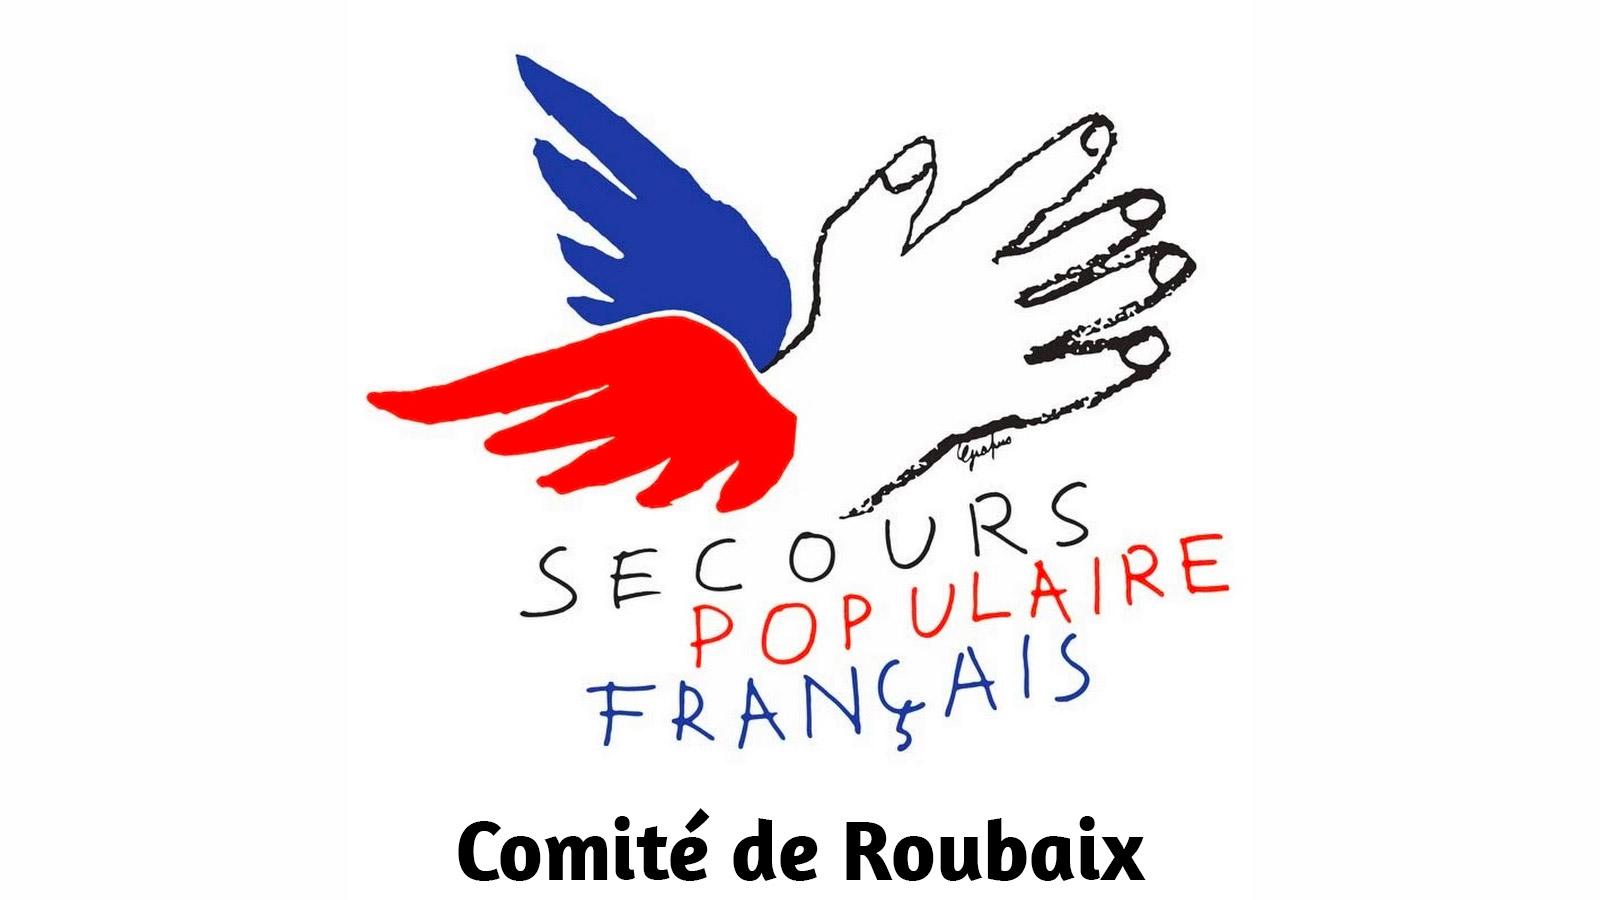 La Redoute reverse 26 000 € au Comite de Roubaix du Secours Populaire Français